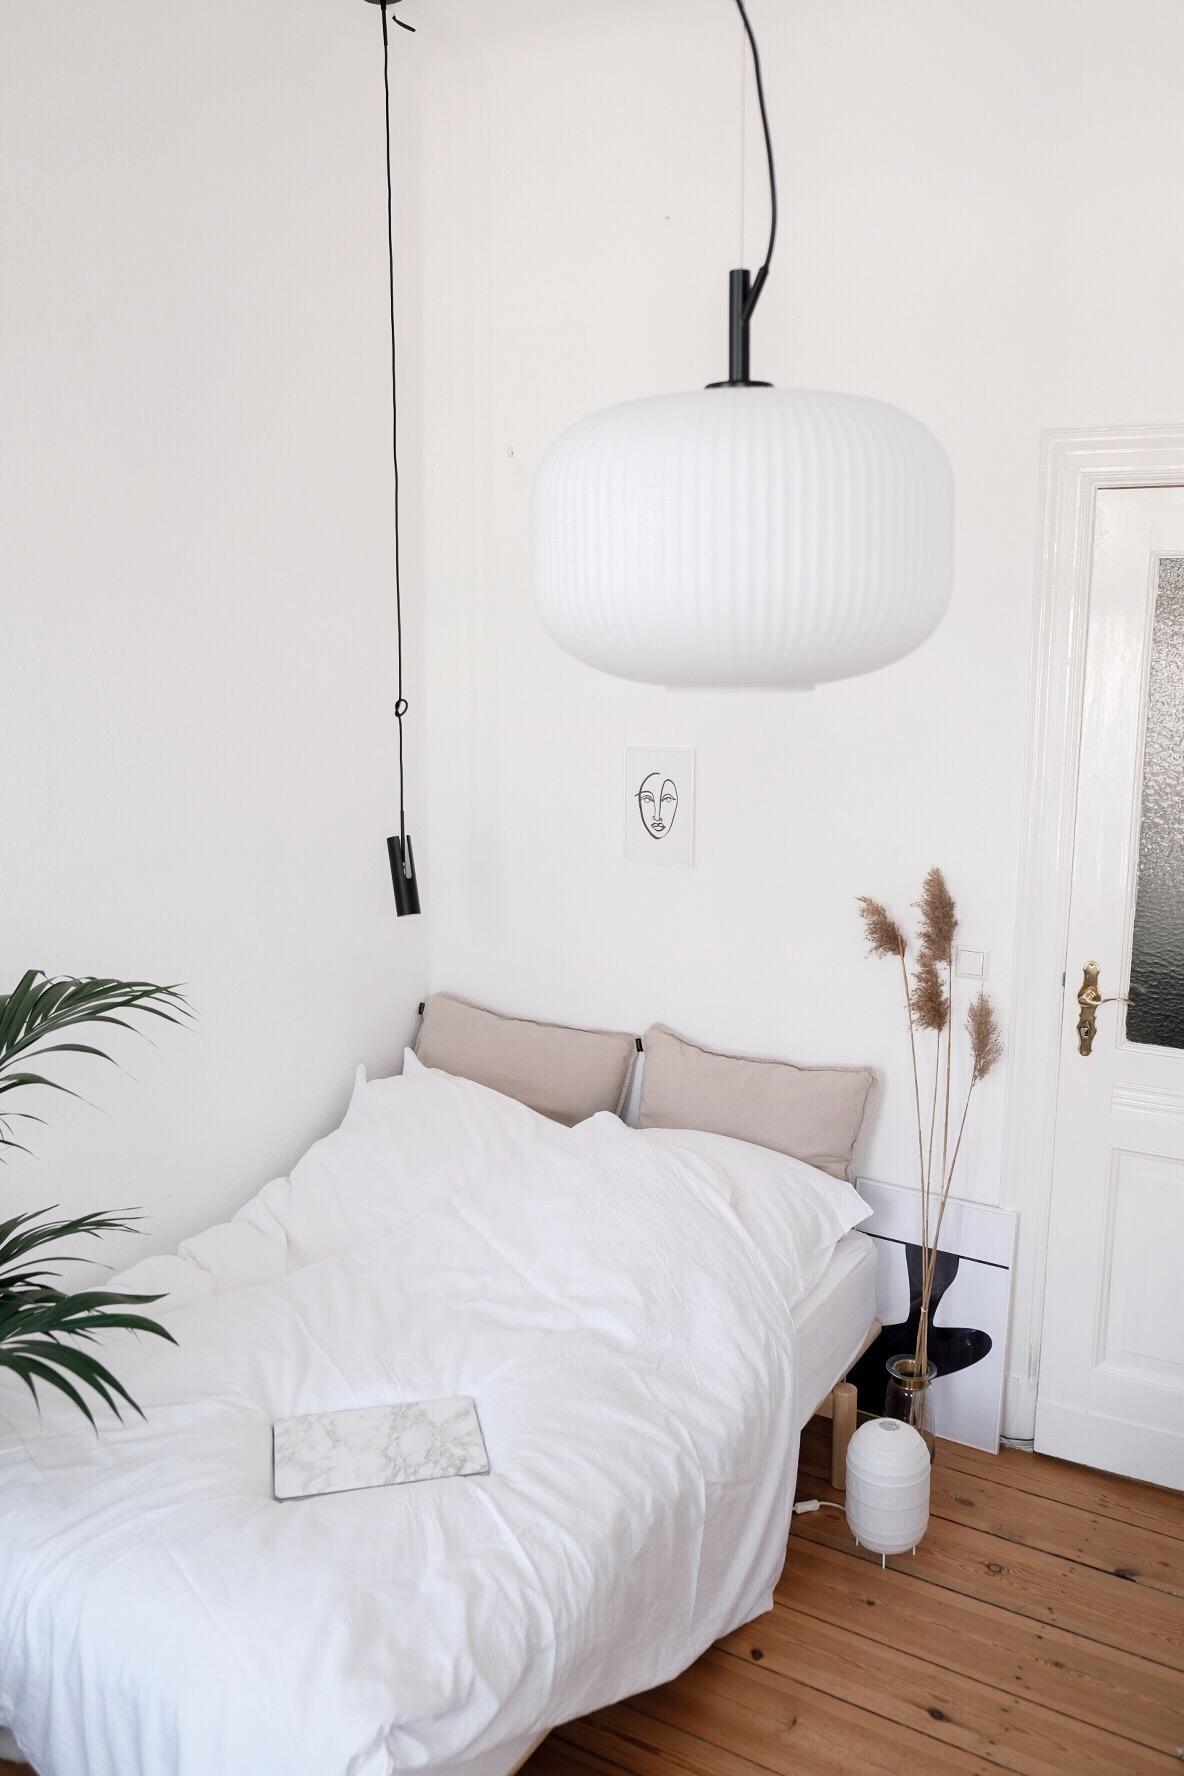 Full Size of Schlafzimmer Lampen Deckenleuchten Tipps Und Wohnideen Aus Der Community Stehlampen Wohnzimmer Bad Wandbilder Wiemann Günstige Sessel Deckenlampe Komplett Mit Wohnzimmer Schlafzimmer Lampen